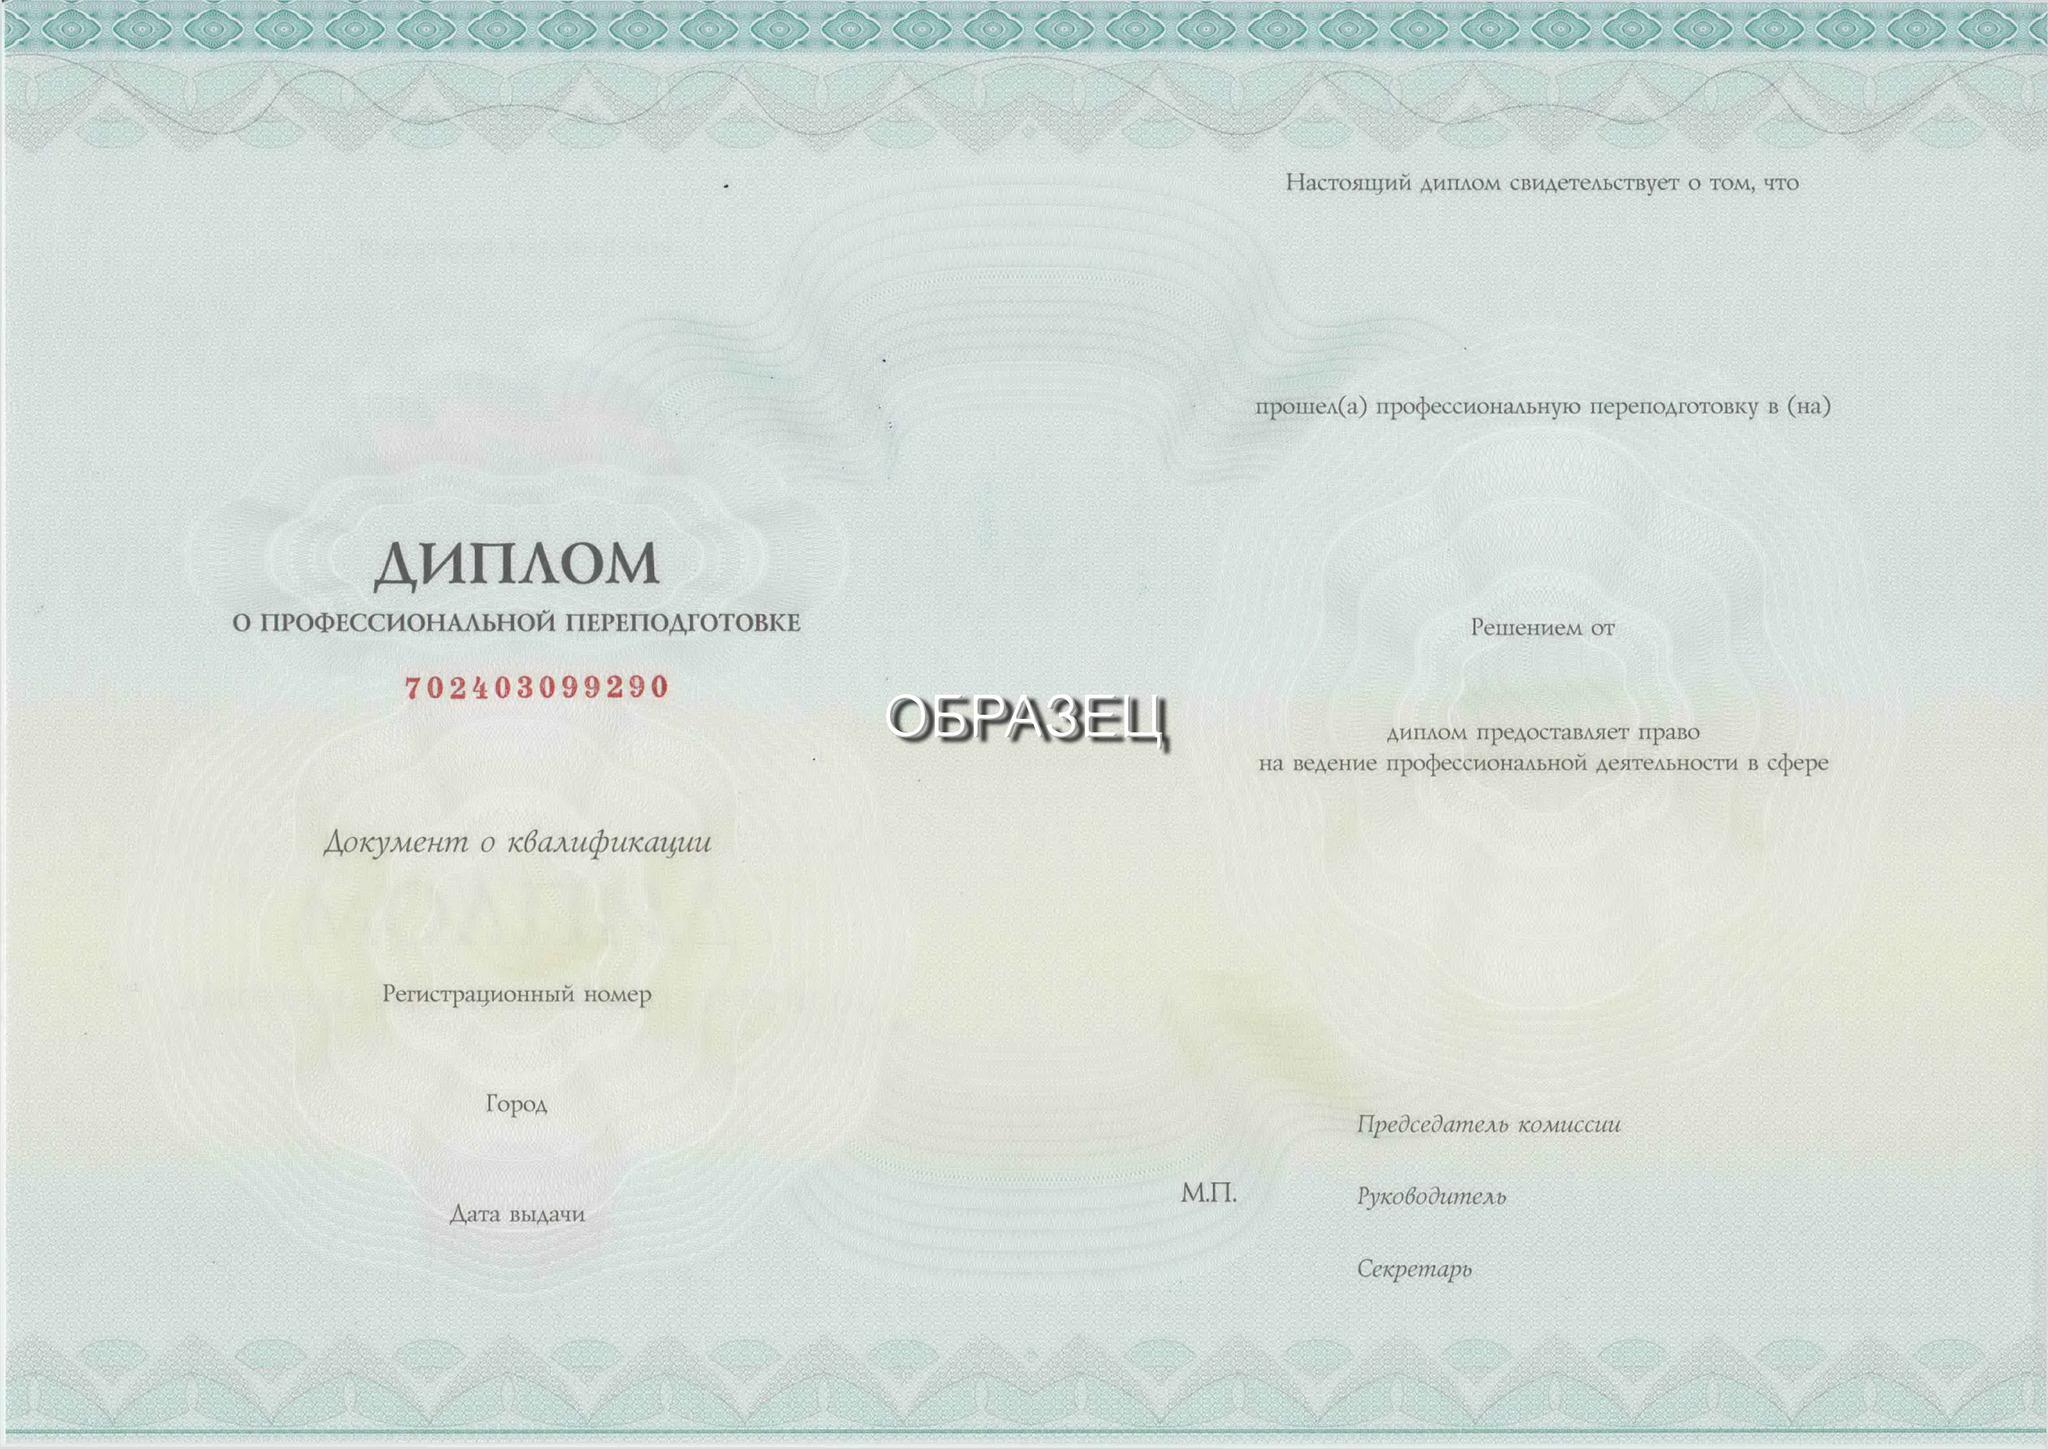 Диплом ЦДО Диплом изготовлен на бланках являющихся защищёнными от подделок полиграфической продукцией изготавливаемой в соответствии с государственными техническими